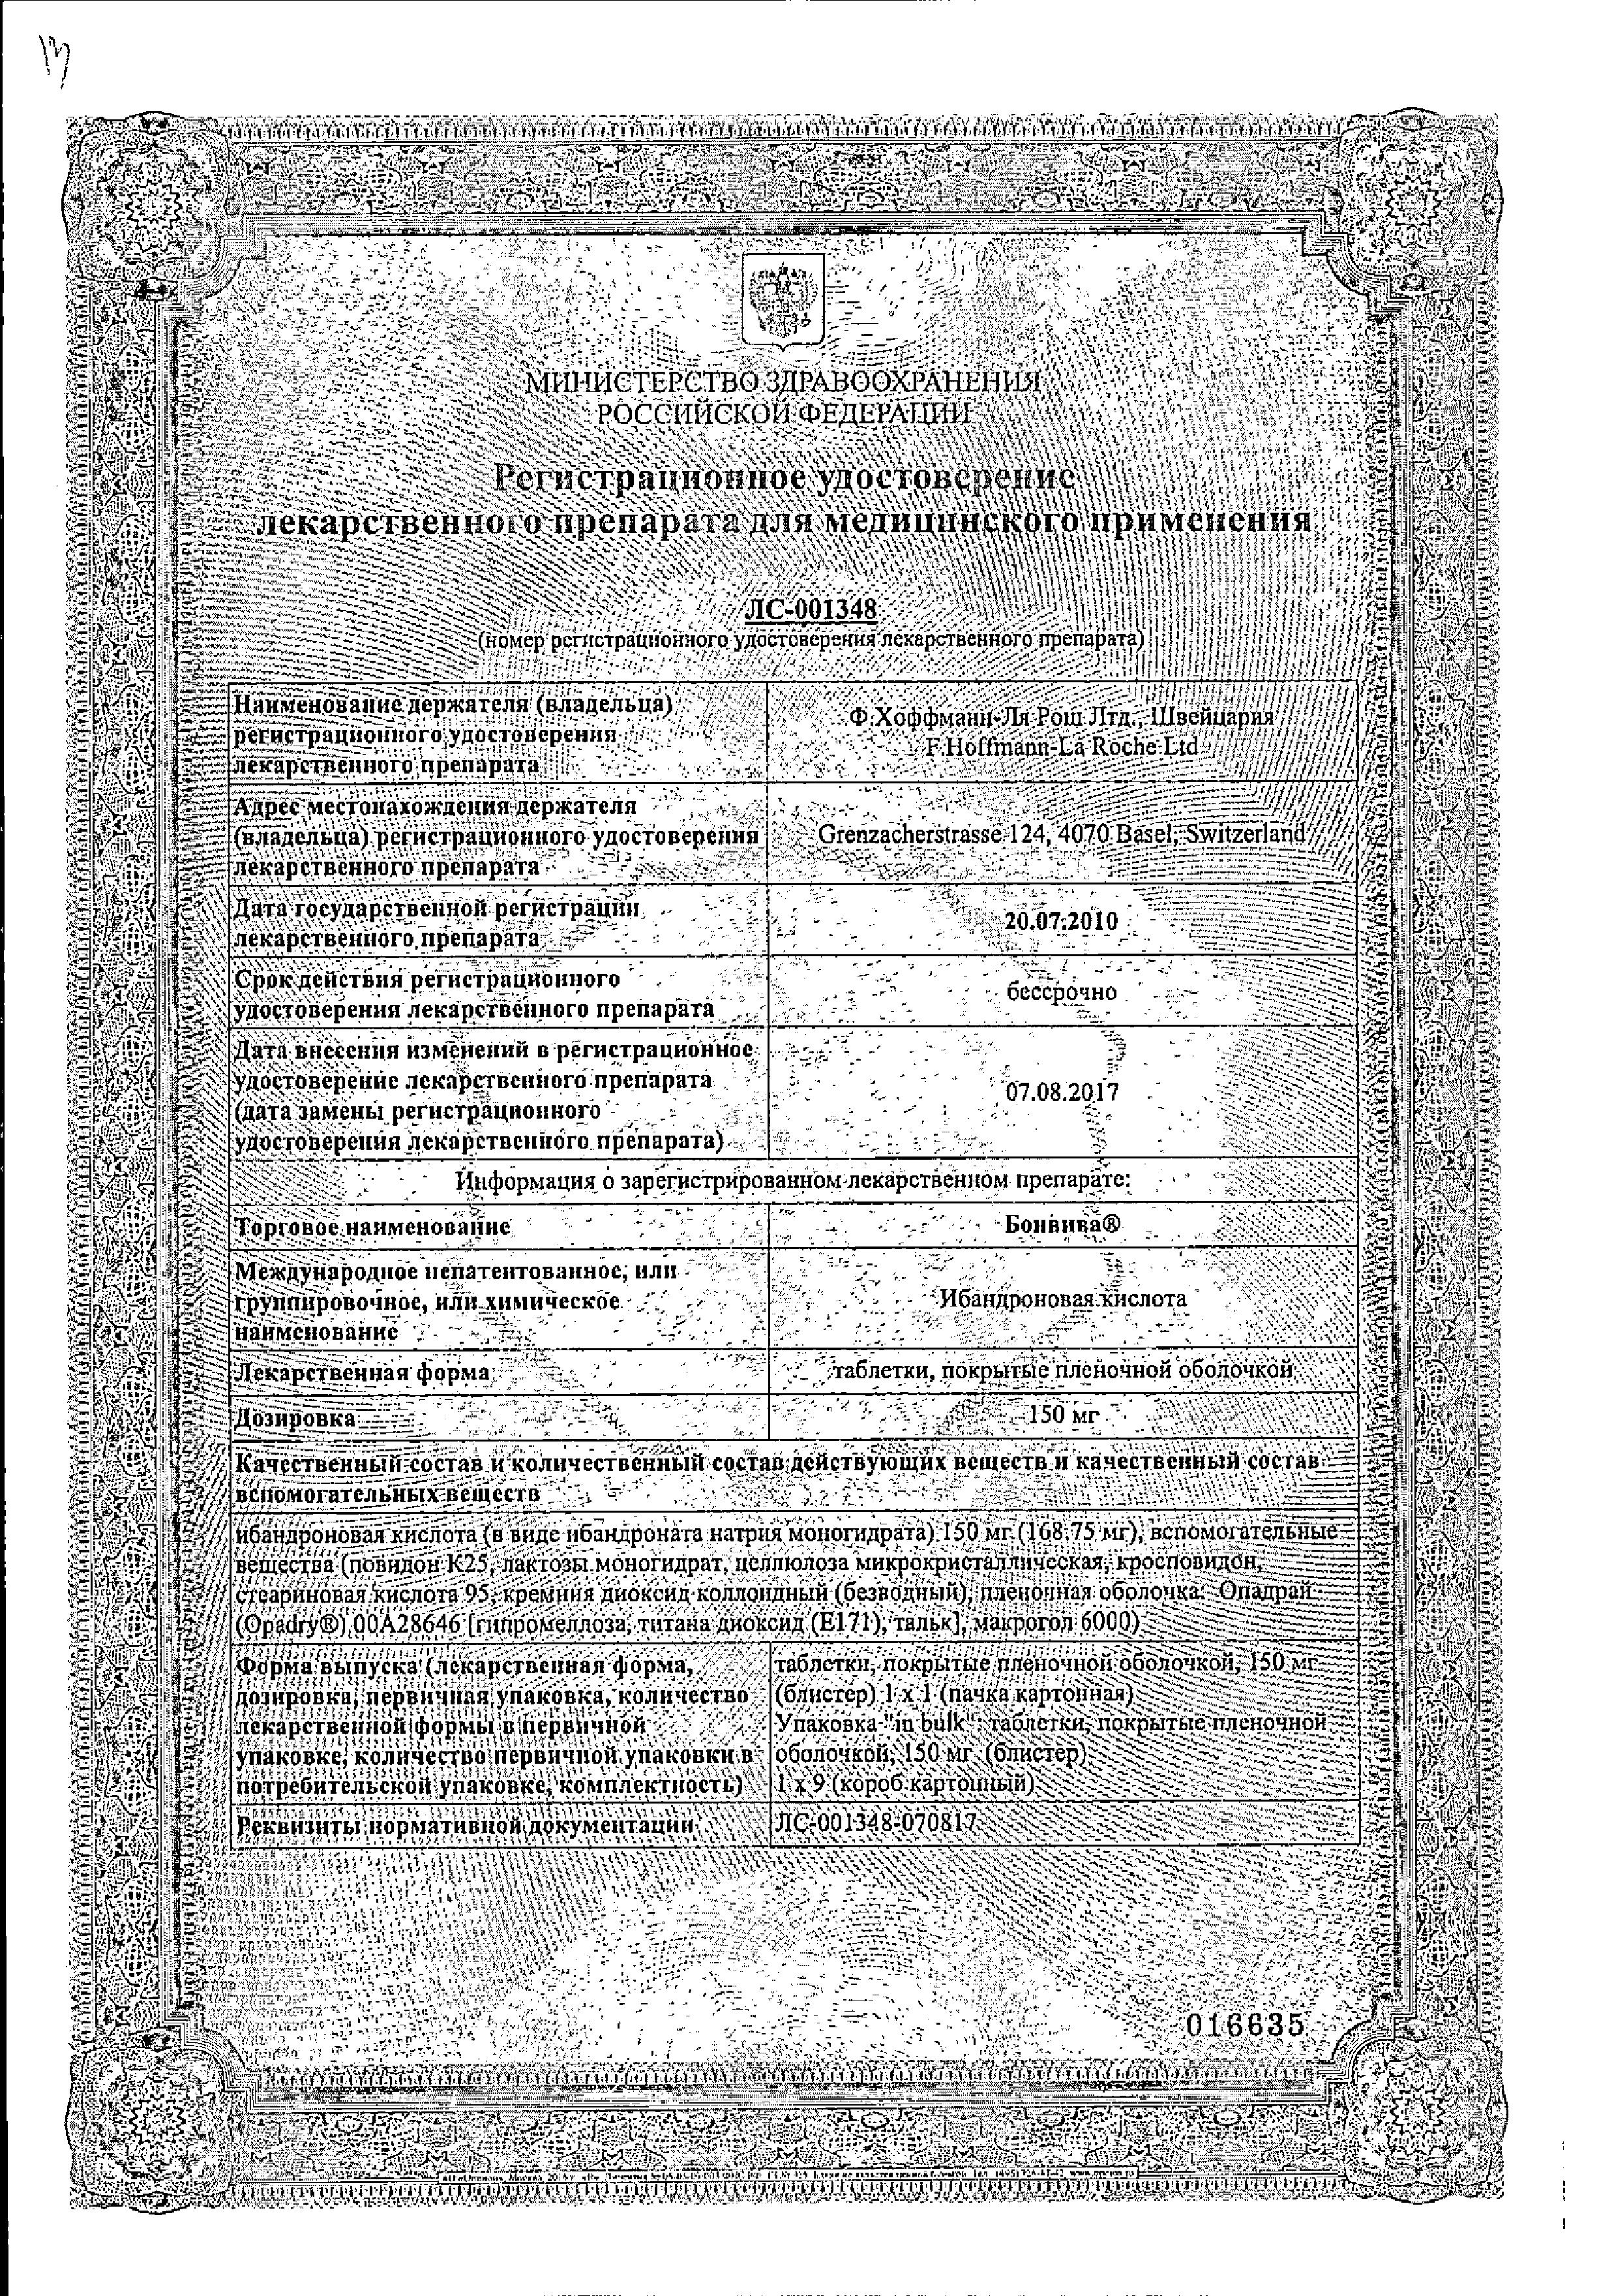 Бонвива сертификат